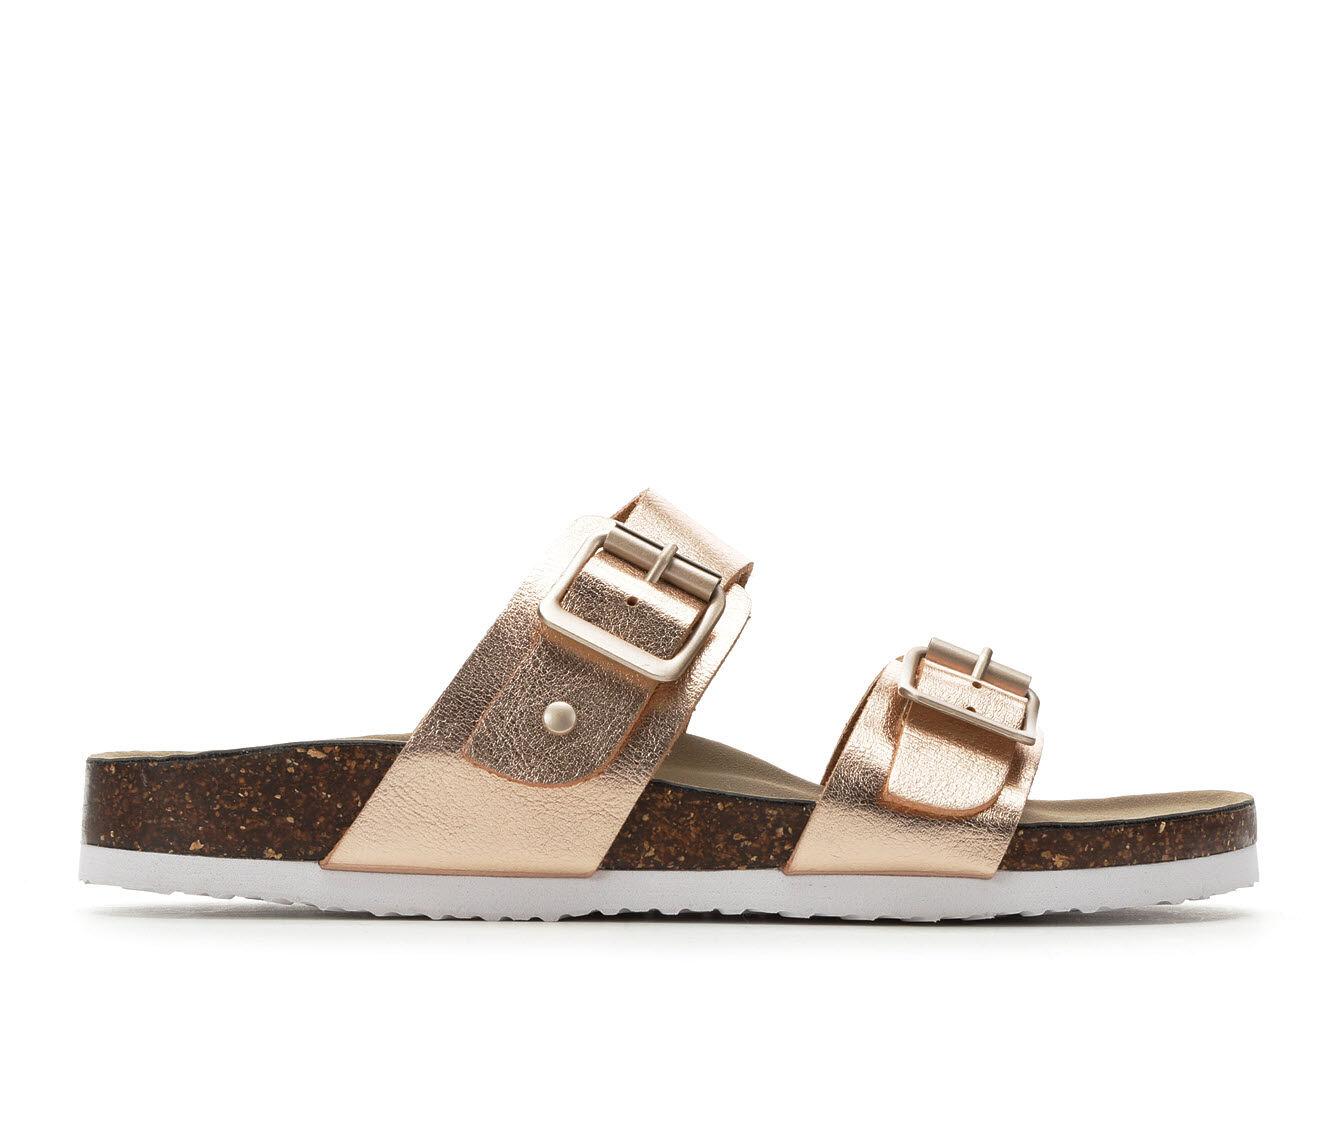 Cozy Fresh Women's Madden Girl Brando Footbed Sandals Rose Gold/White